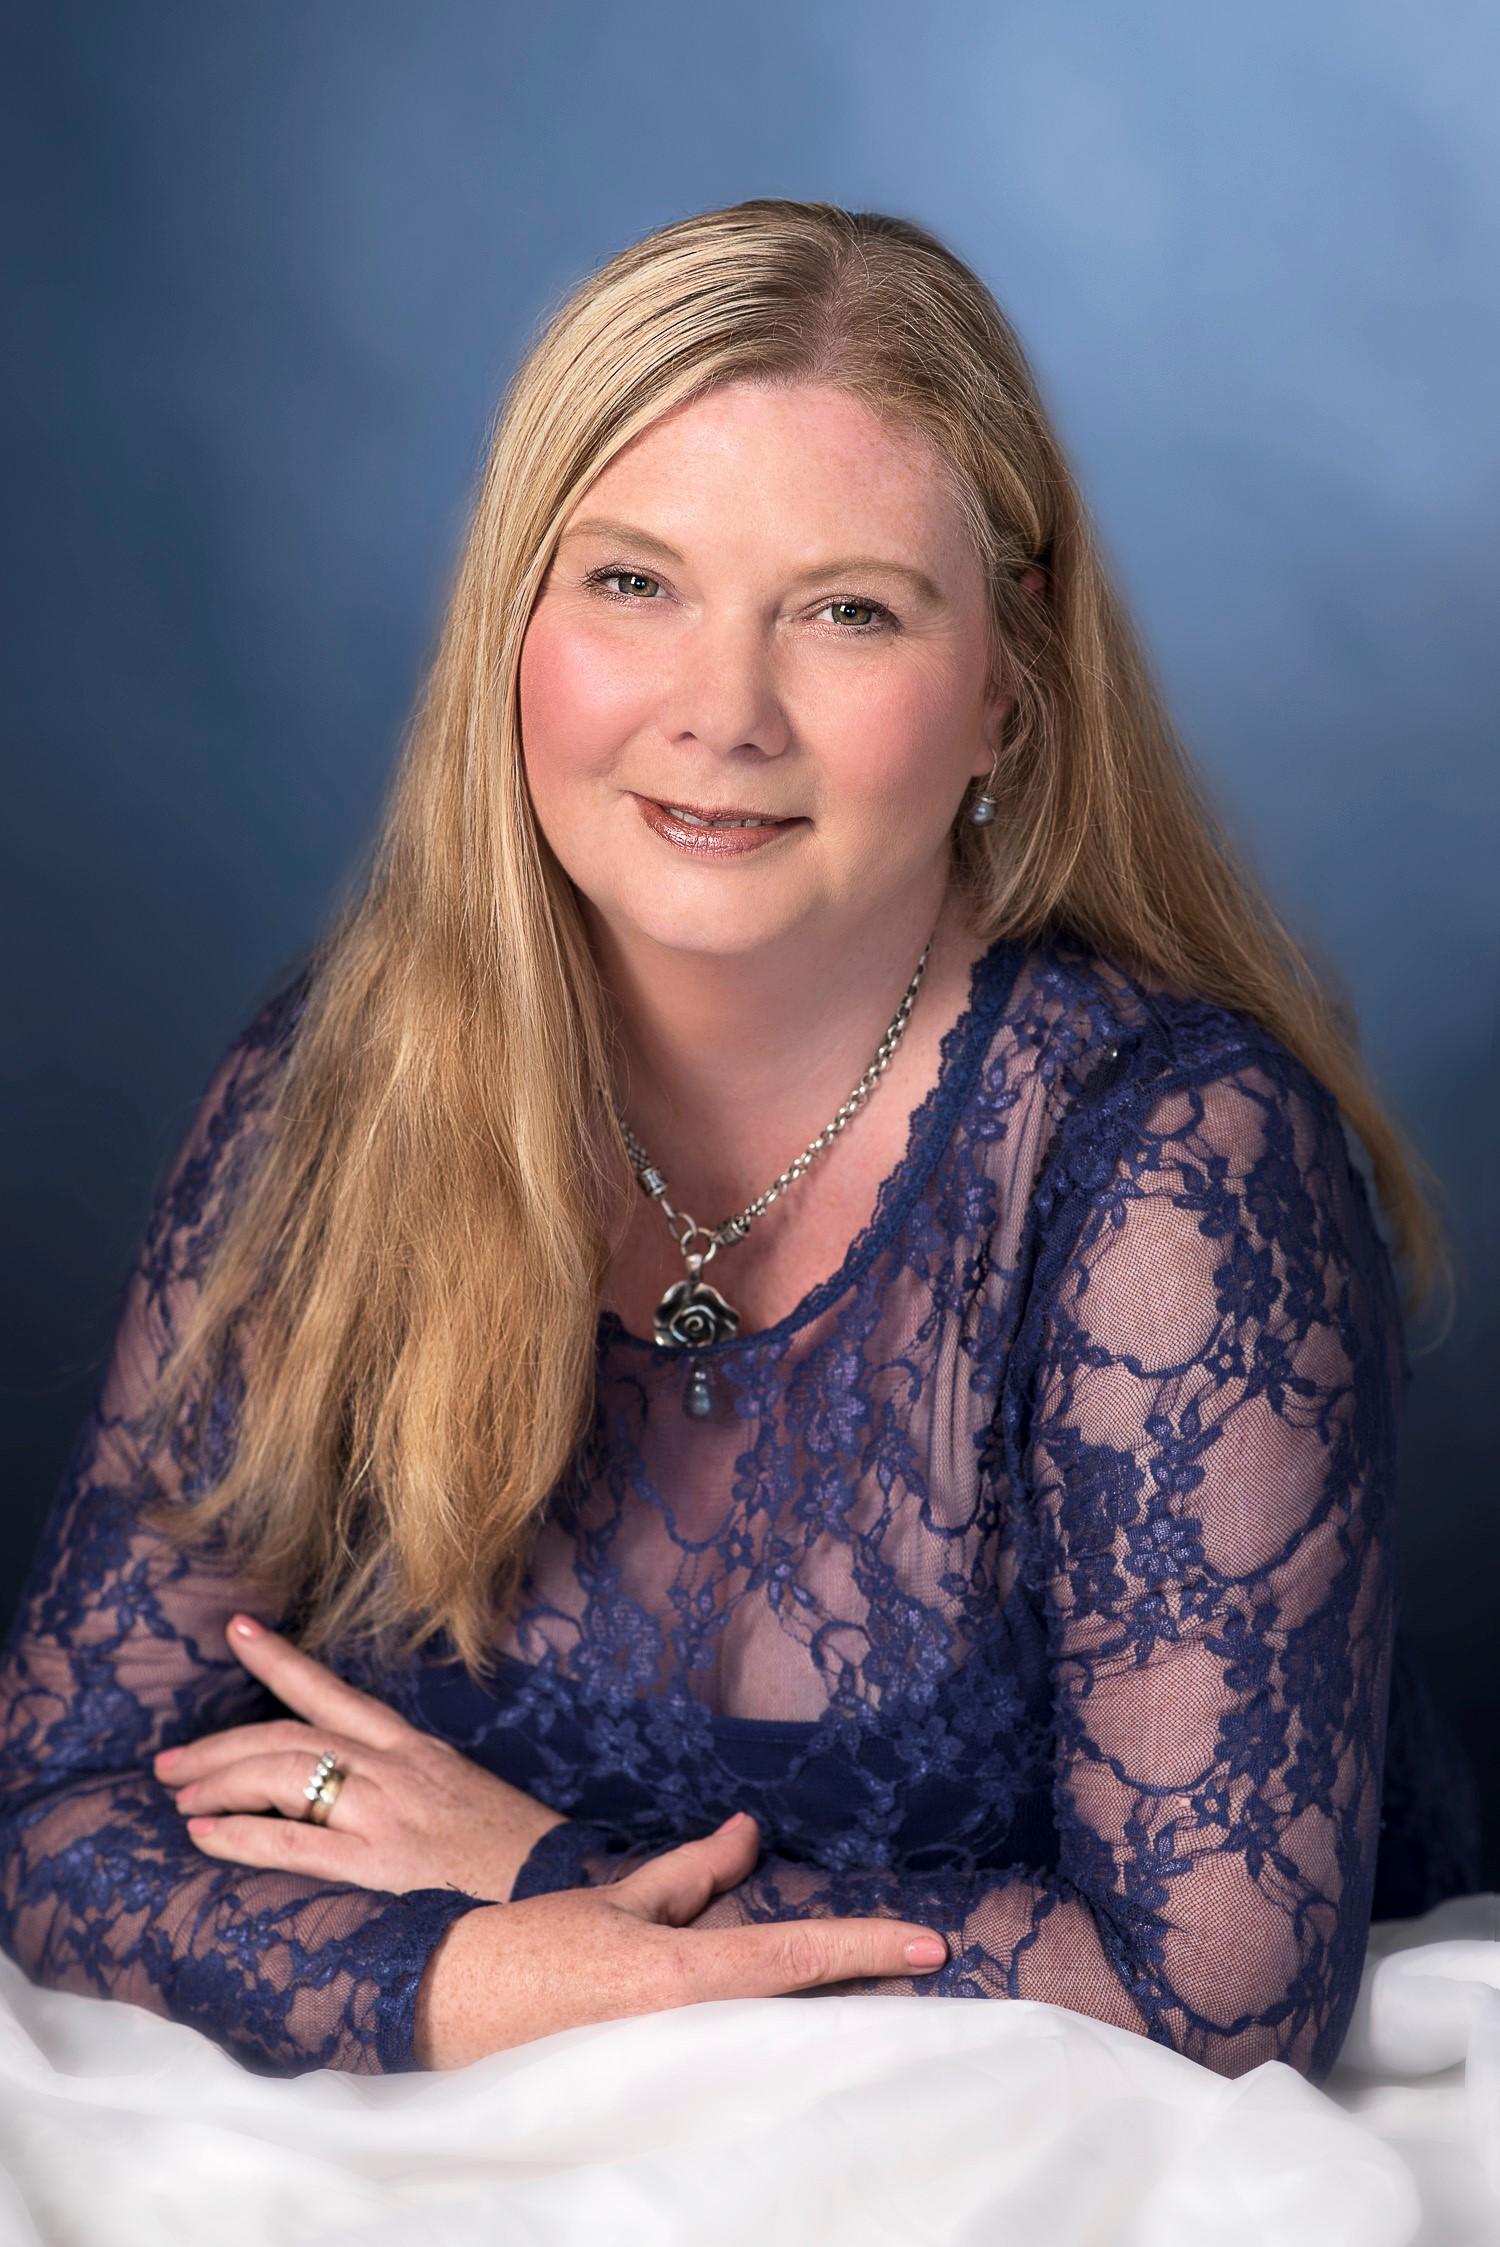 Deborah Oktar-Campbell